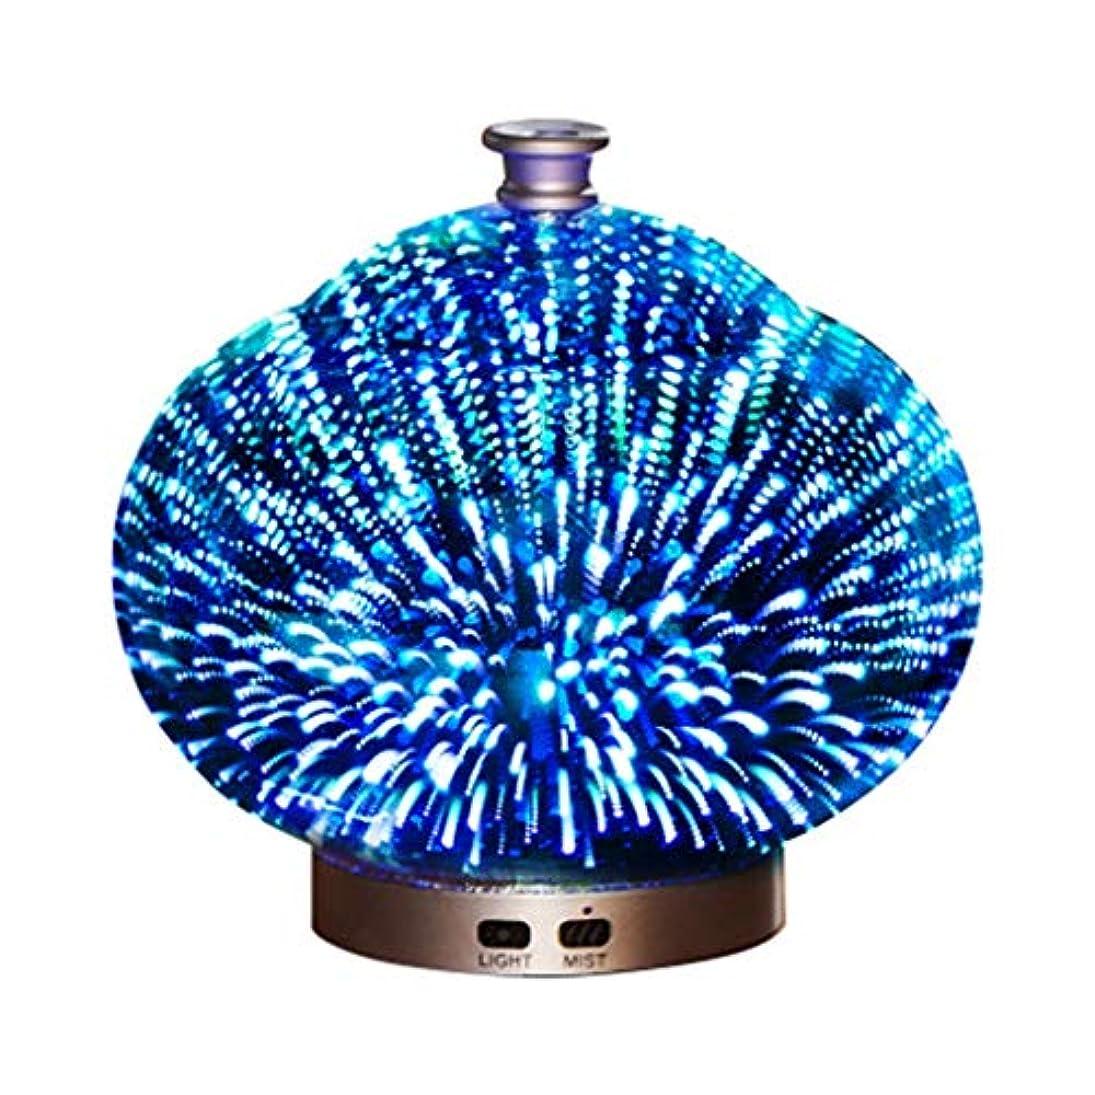 大胆想像力沼地3Dガラス100ミリリットルギャラクシープレミアム超音波加湿器で素晴らしいledライト付き、自宅用ヨガオフィススパ寝室ベビールーム (Color : Brass)